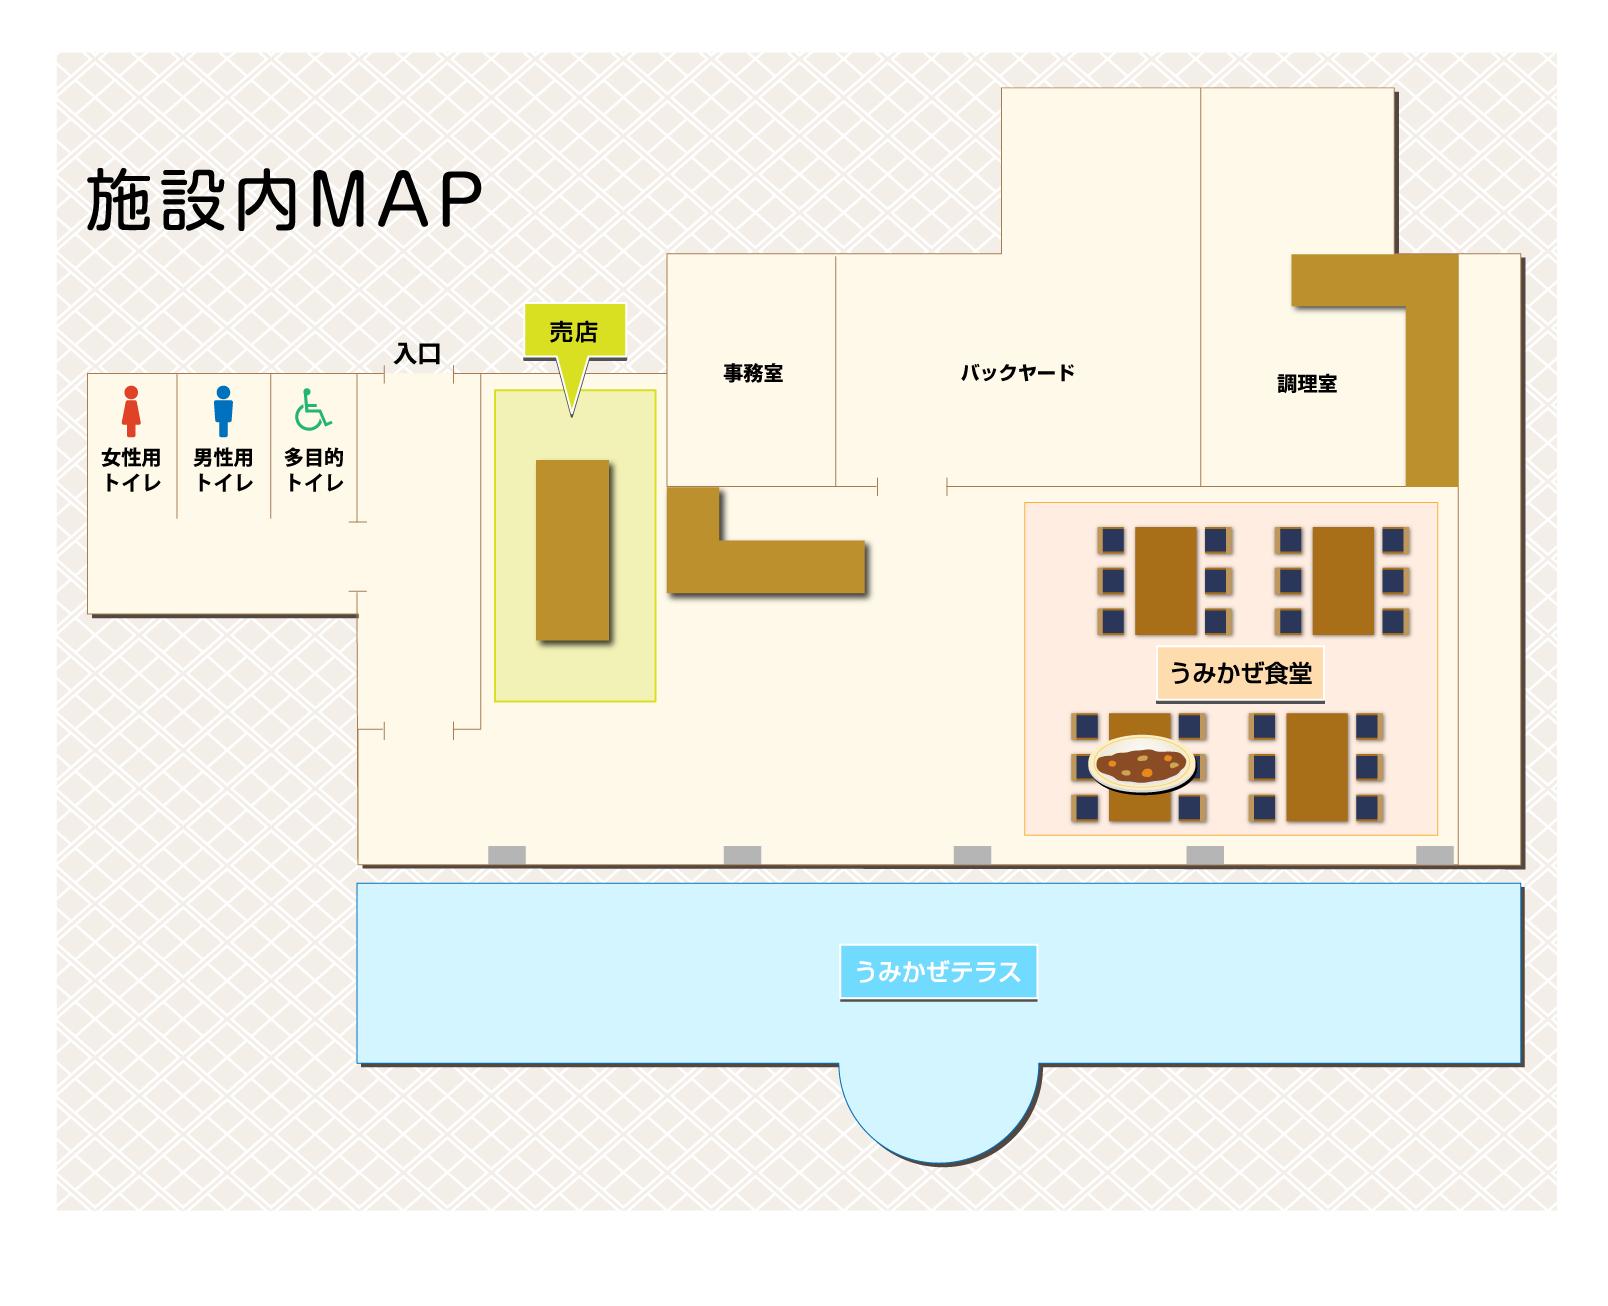 施設内MAP